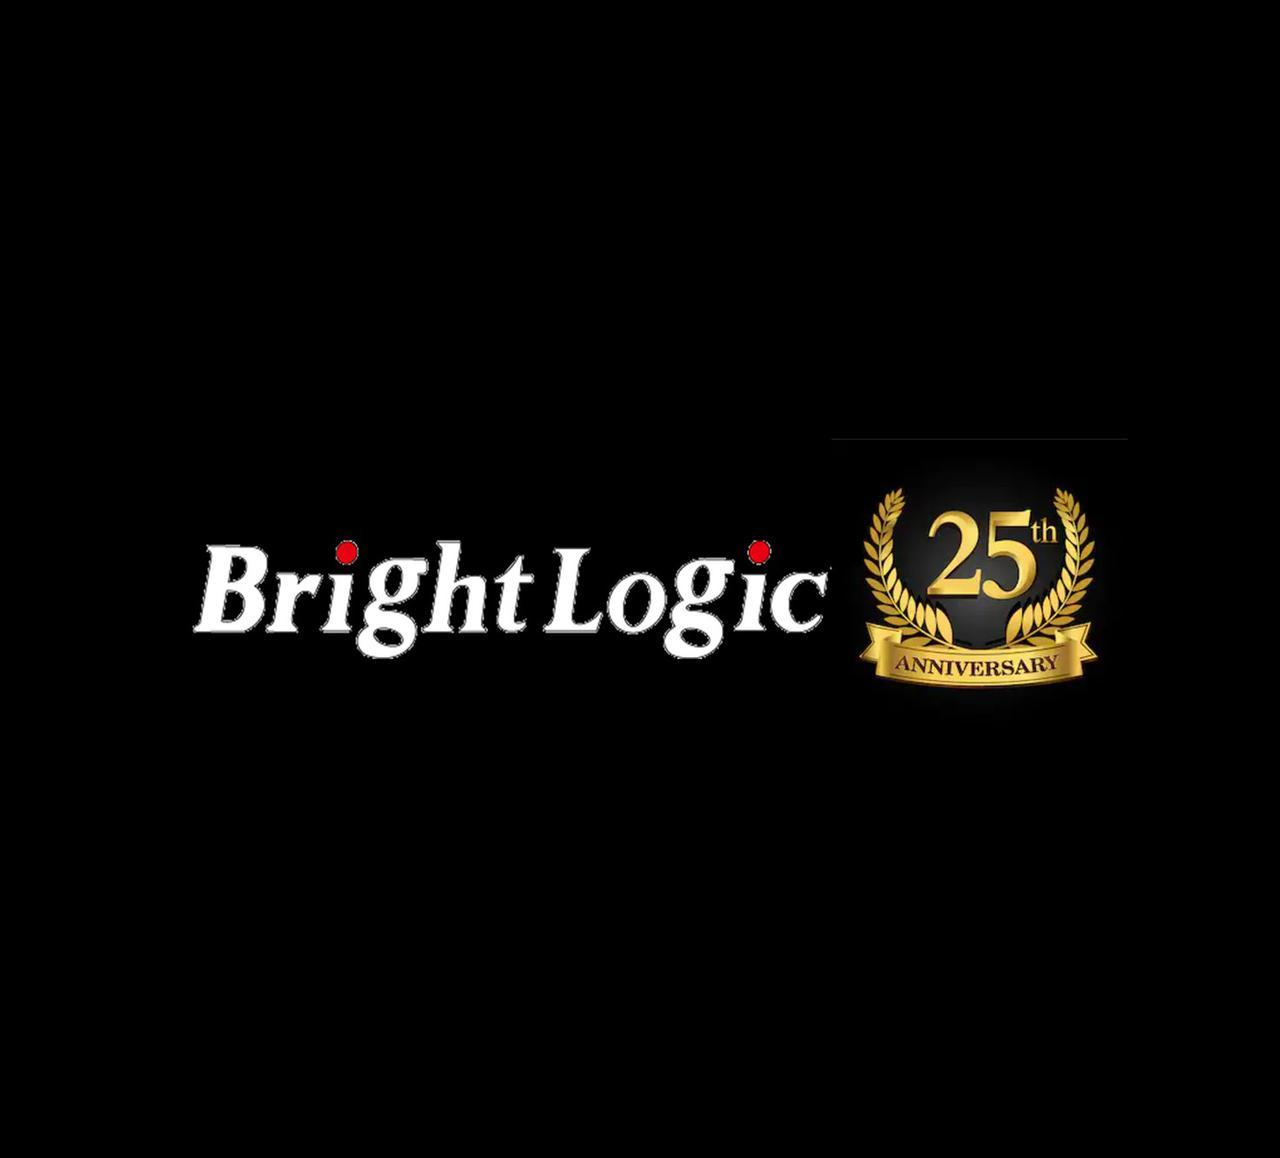 画像: Bright Logic   ブライトロジック/ カスタムバイクショップ   日本、神奈川県厚木市